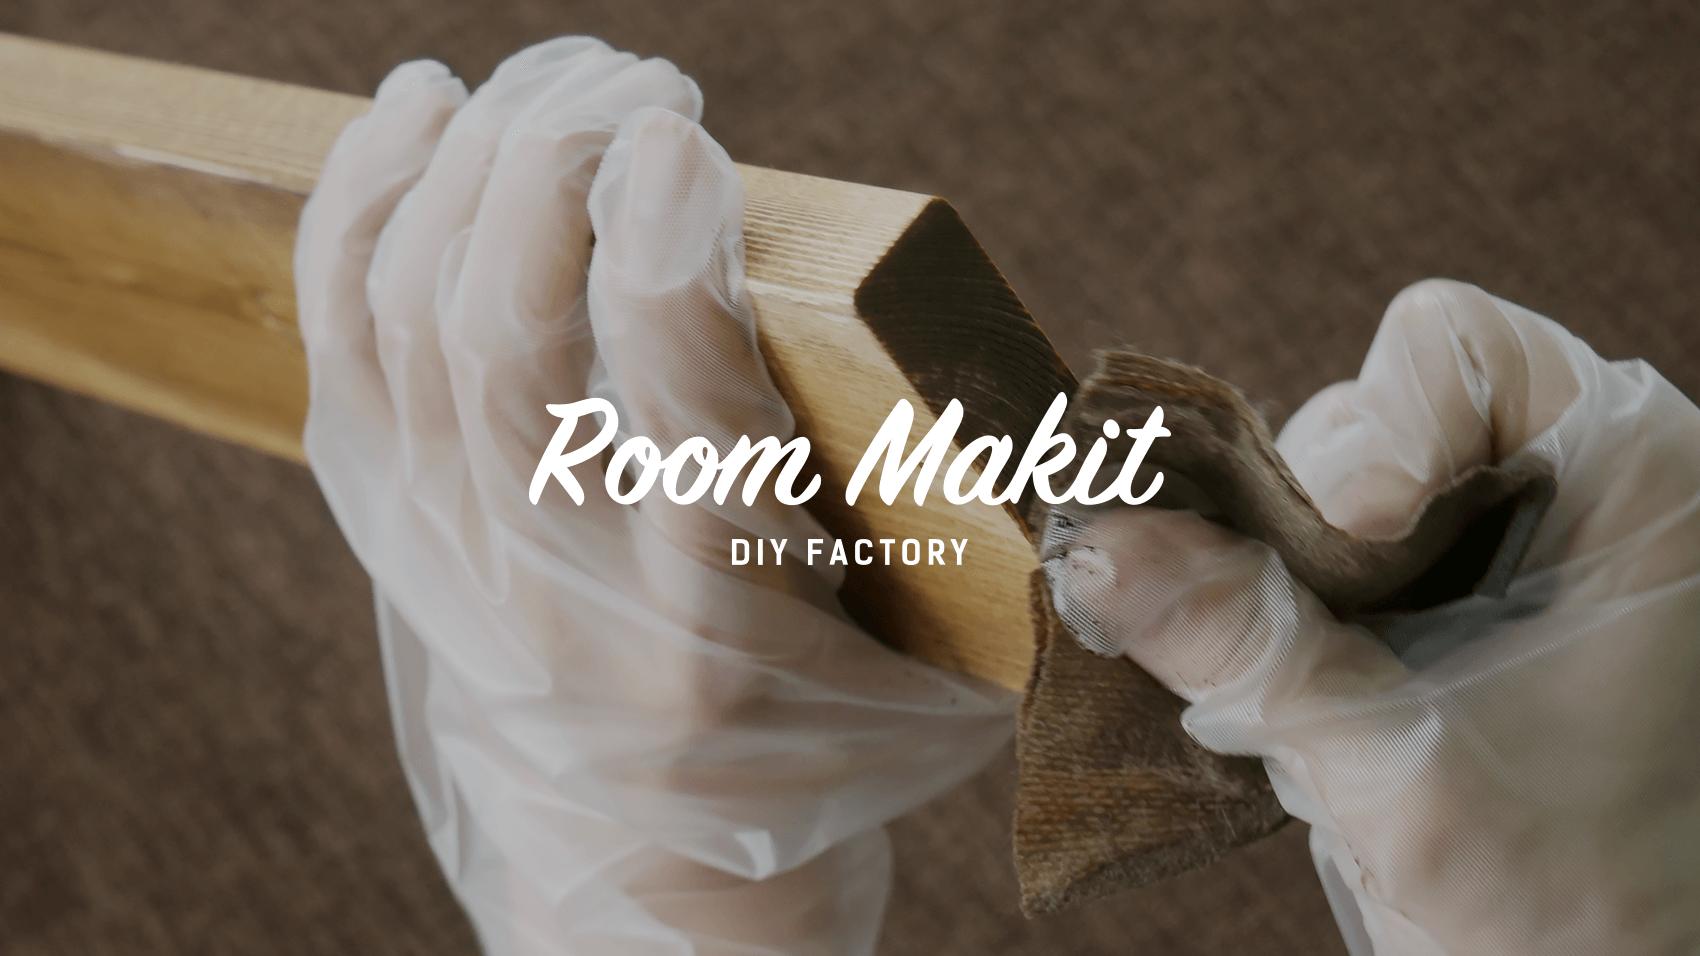 初心者でも壁収納ができる「RoomMakit」のランディングページデザイン